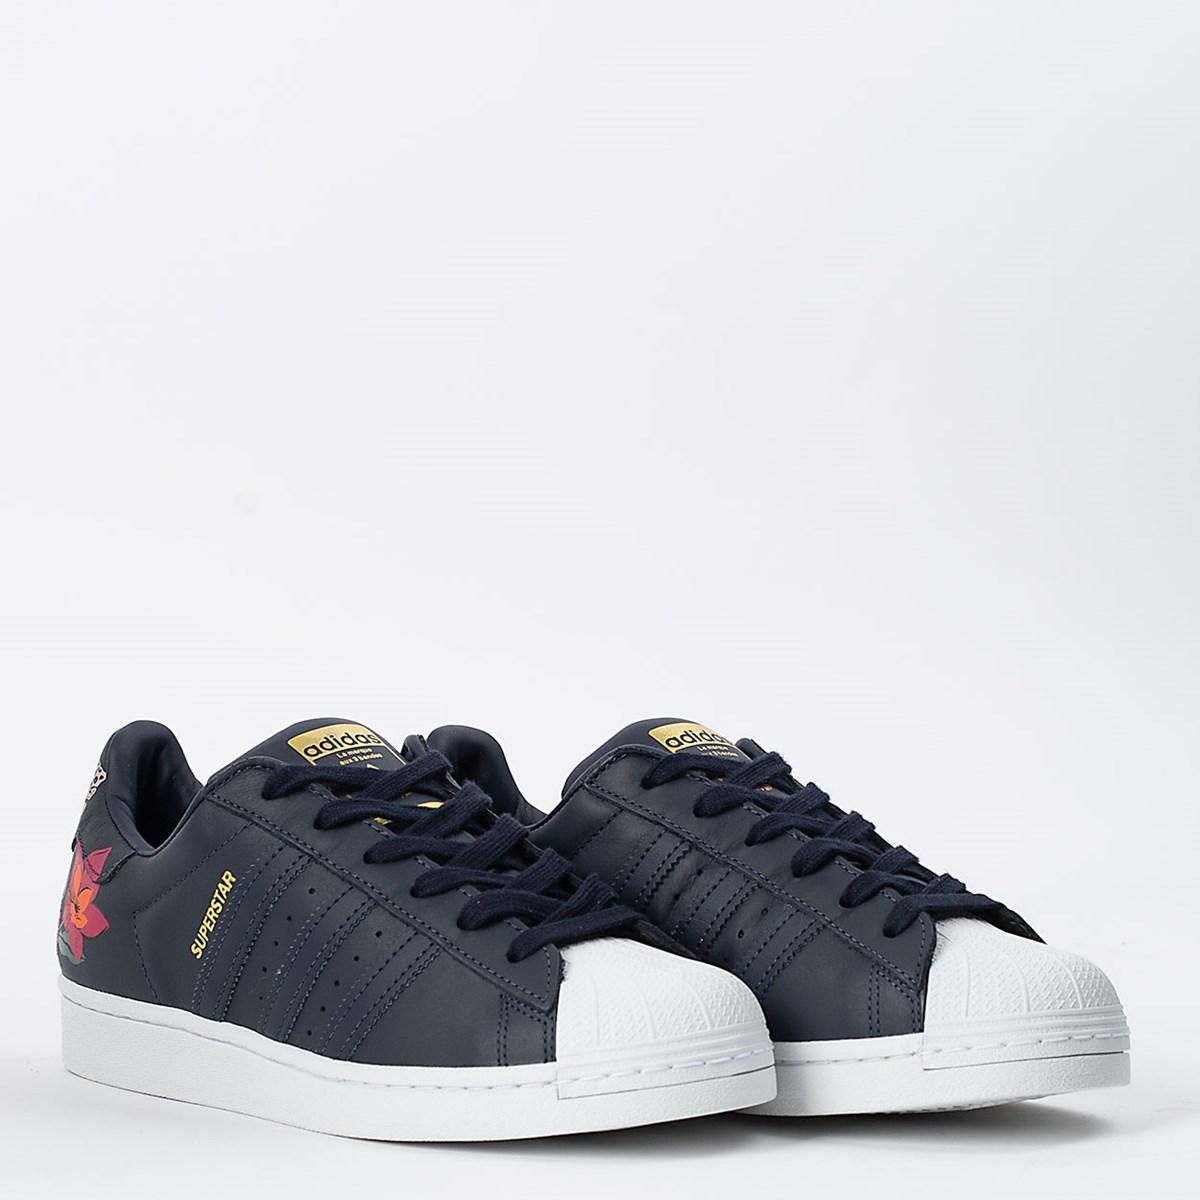 Tênis adidas Superstar Legend Ink FY3648